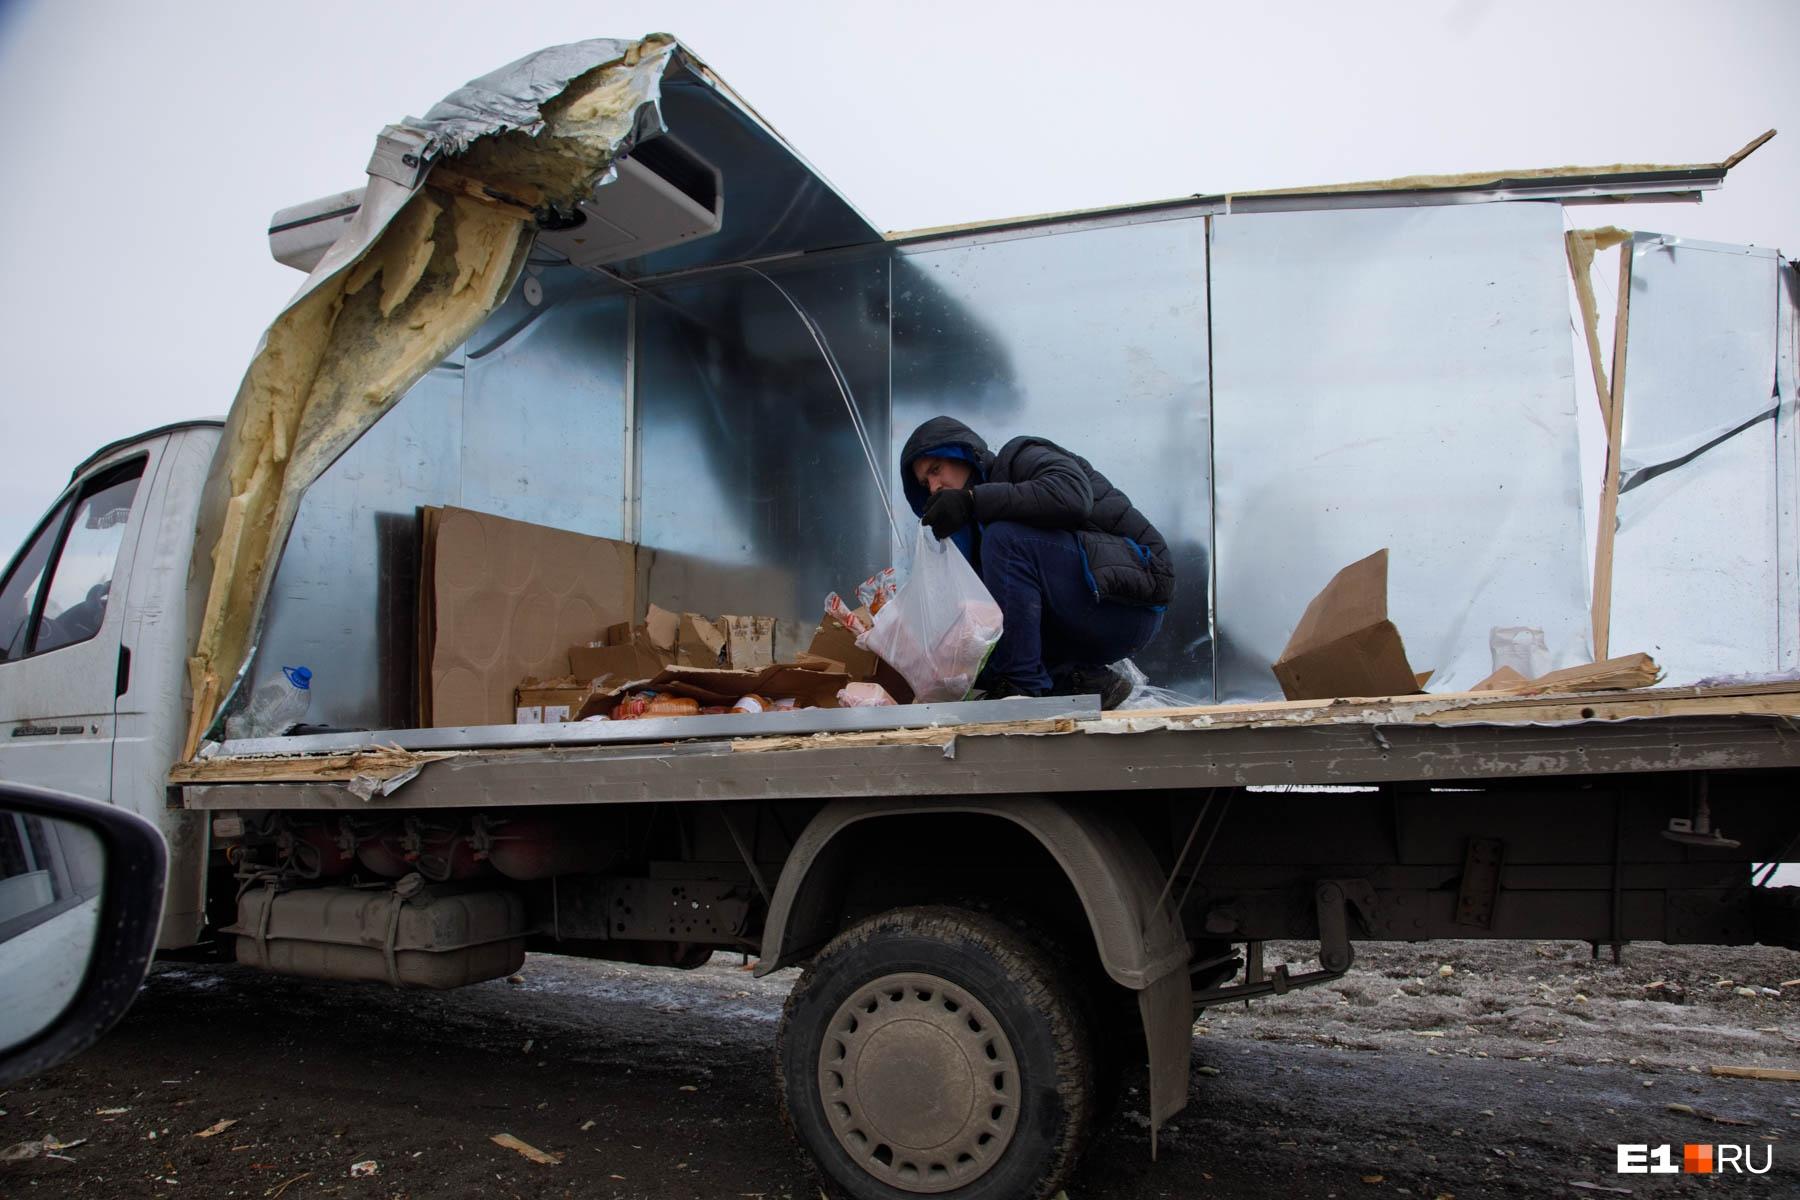 Пока мы снимали репортаж на аварийном участке трассы Екатеринбург — Курган, произошло очередное ДТП. Столкнулись две грузовые машины